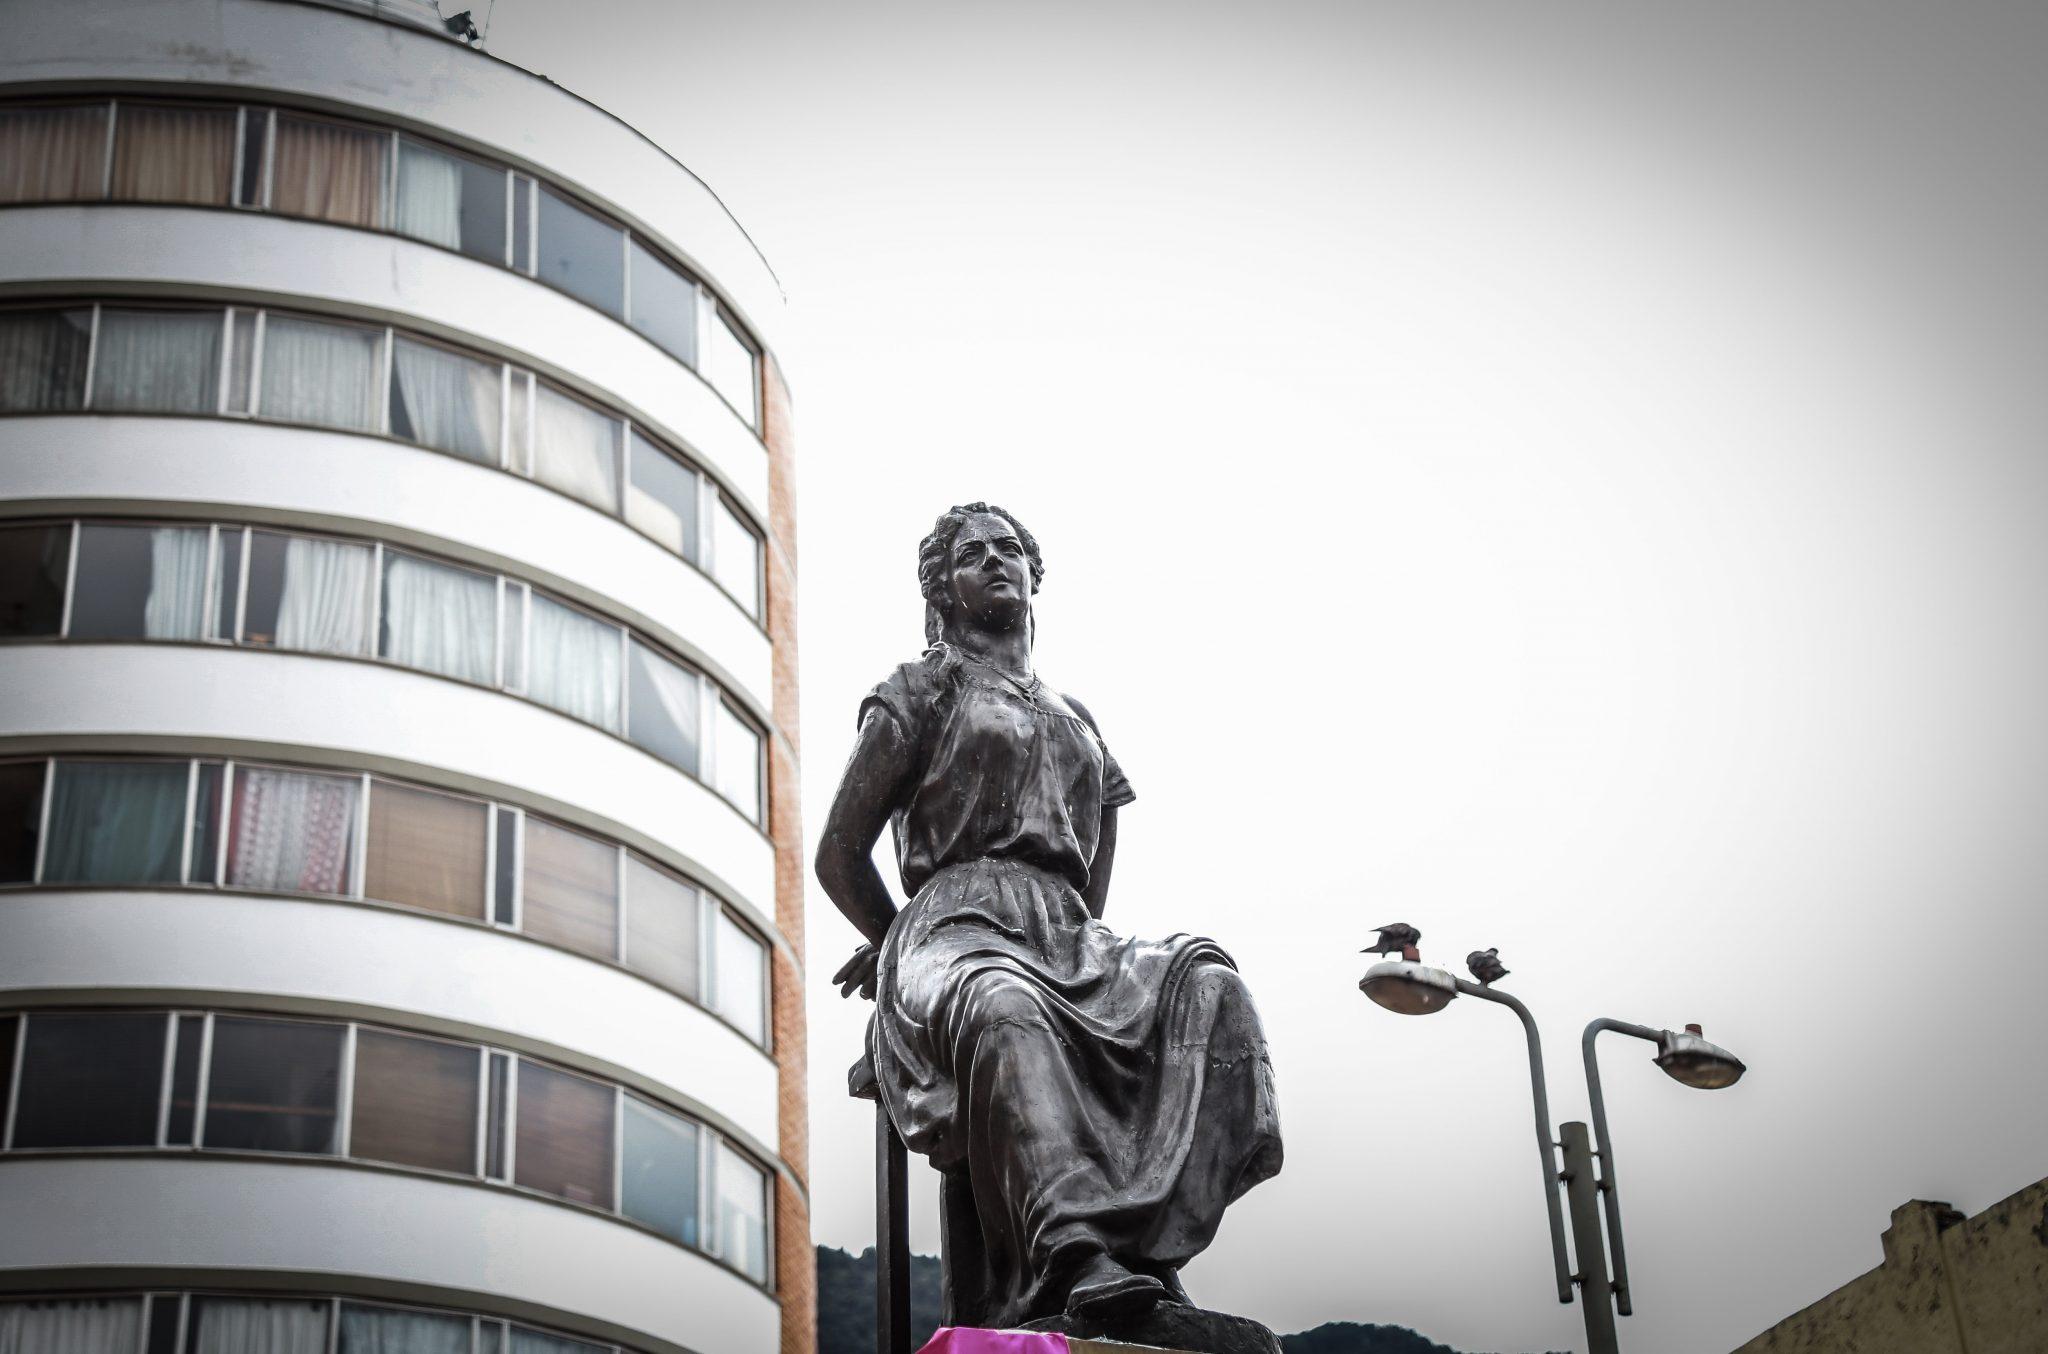 Universidad de los Andes adopta monumento a La Pola 200 años después ...